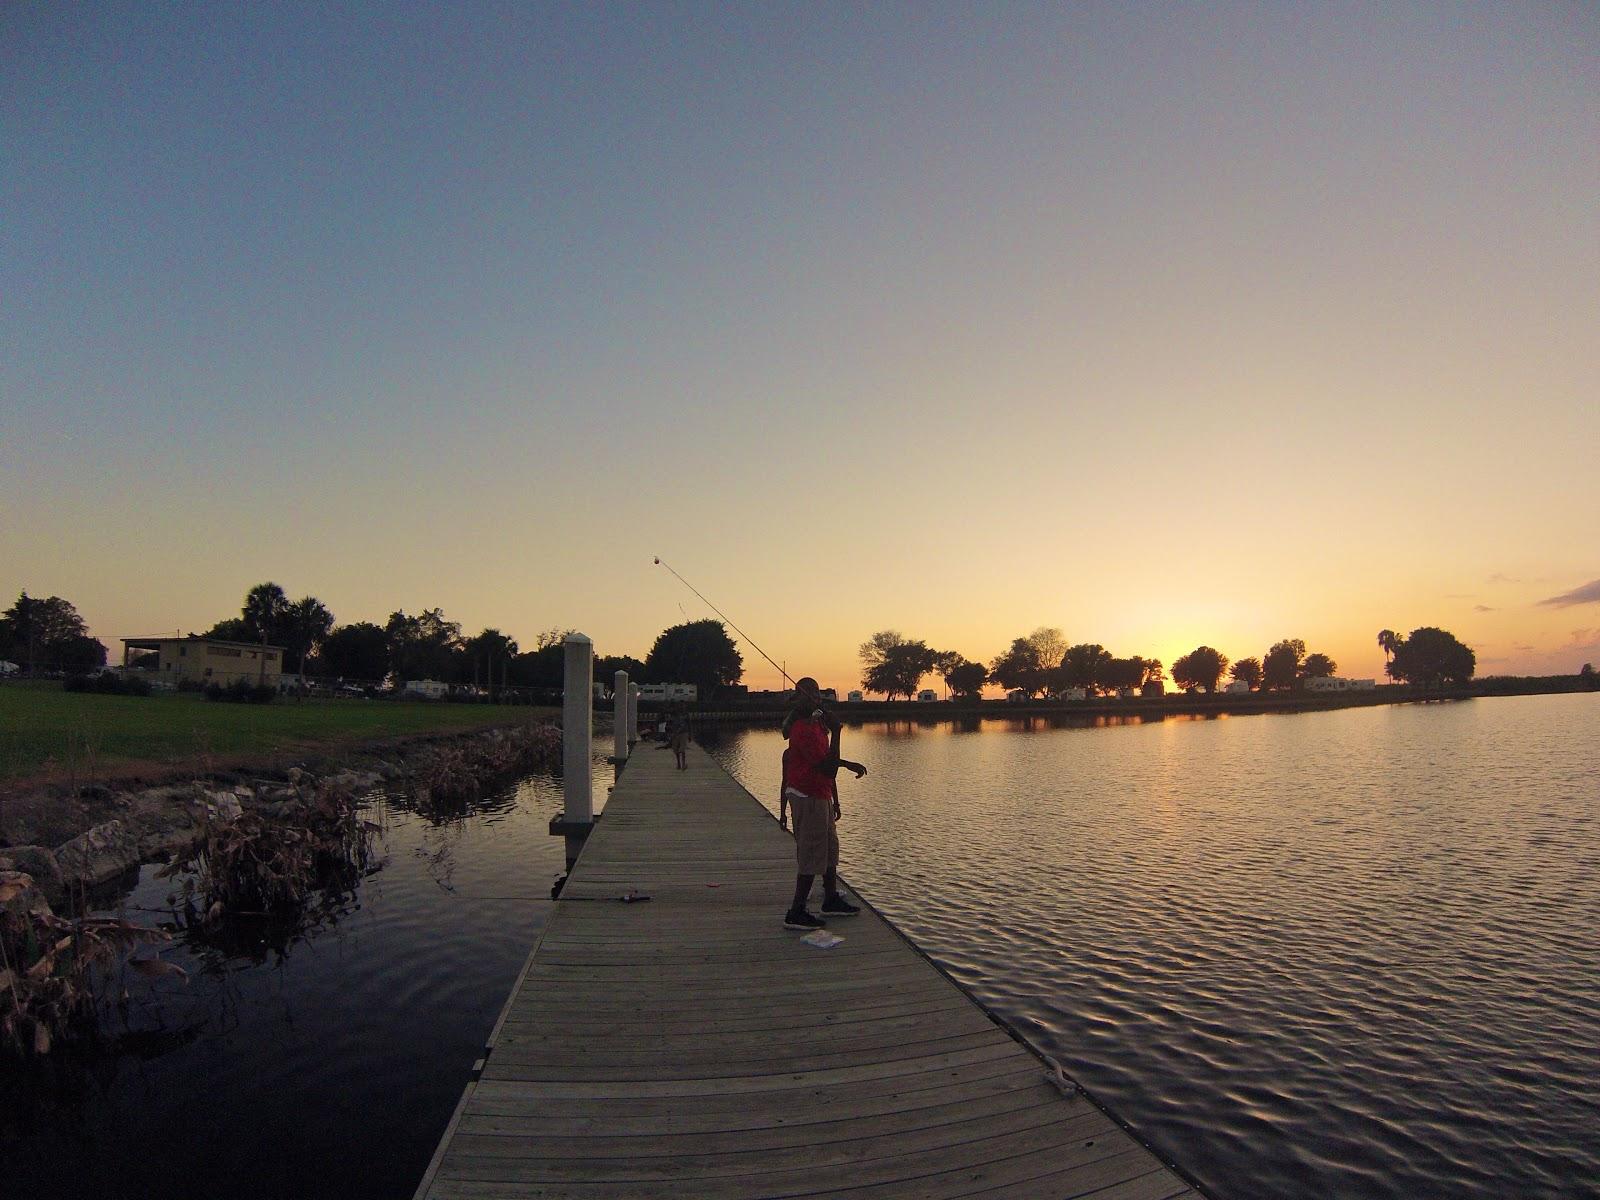 Florida fishing academy lake okeechobee fishing feb 2013 for Lake okeechobee fishing